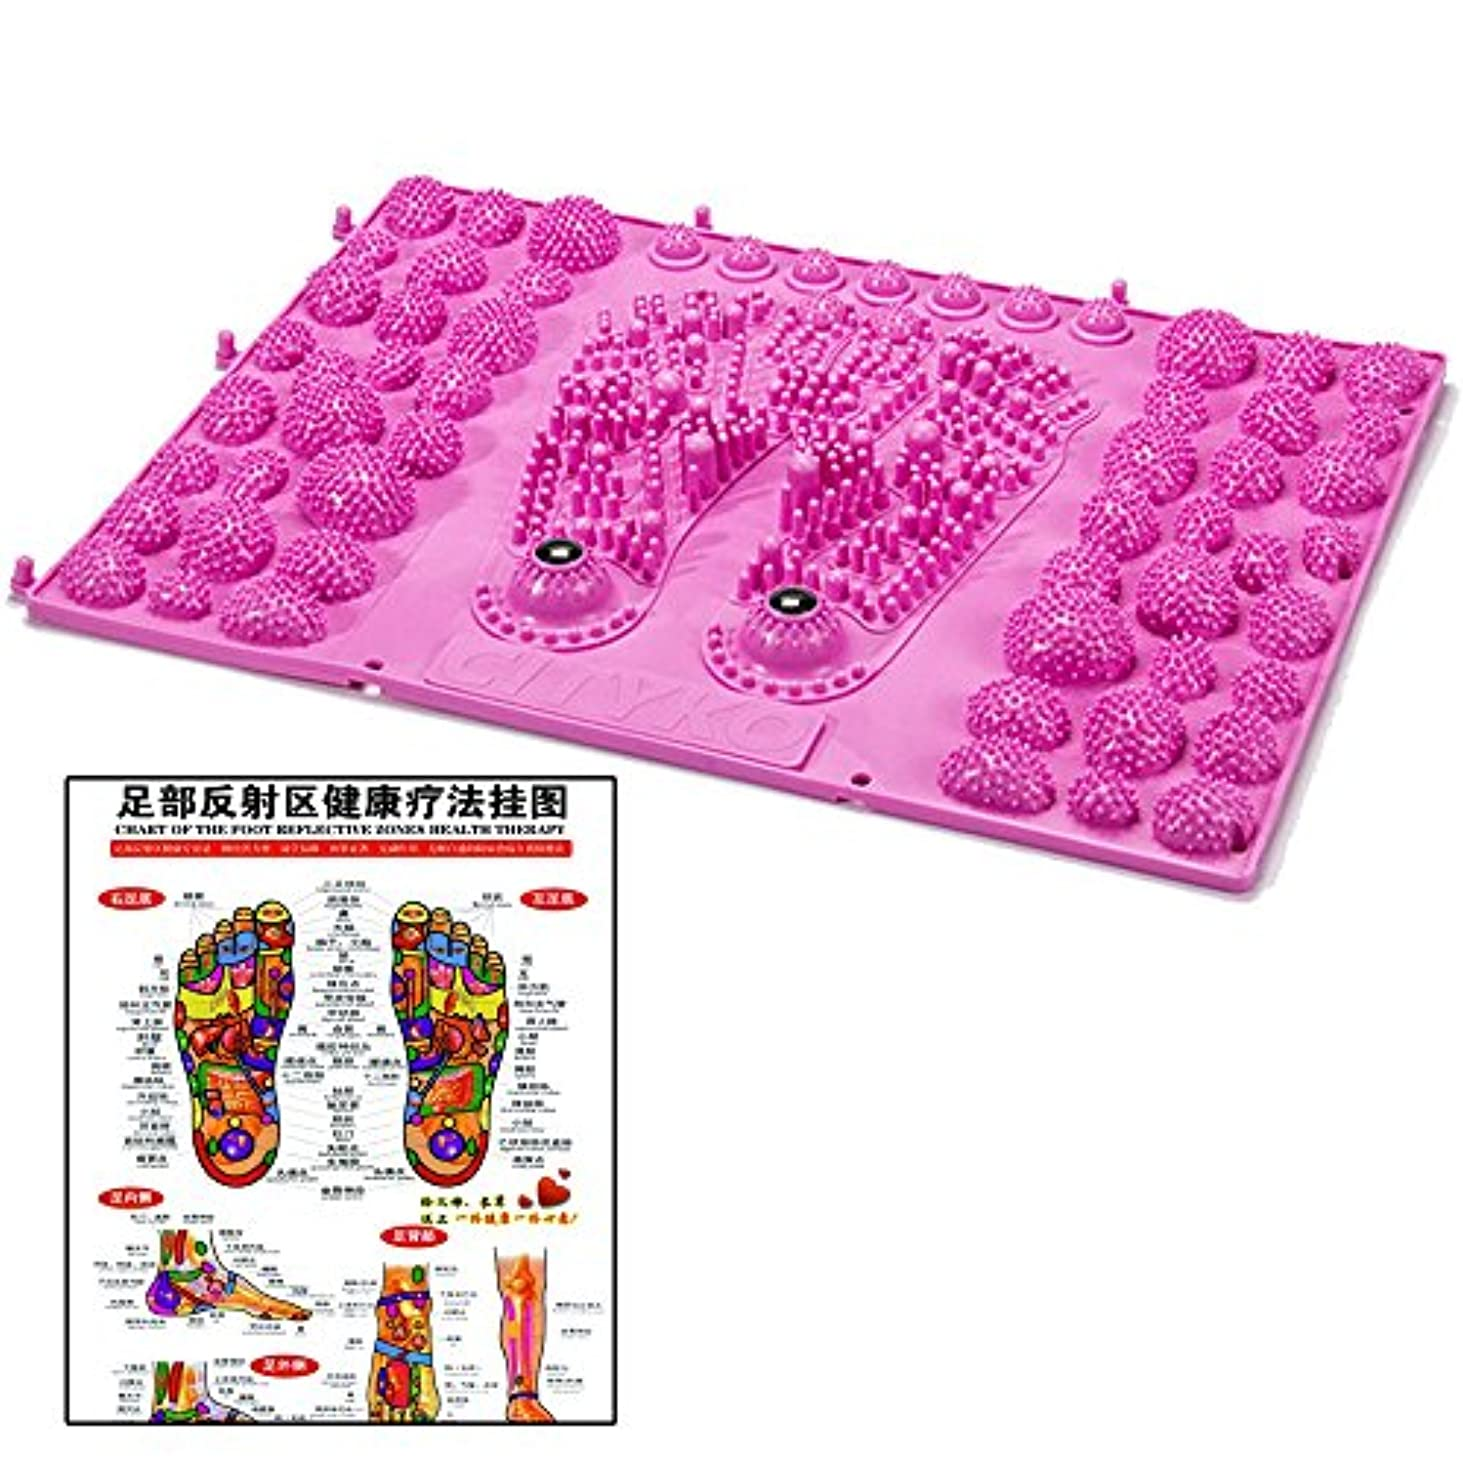 解放するお世話になった引き出す(POMAIKAI) 足型 足ツボ 健康 マット ダイエット 足裏マッサージ 反射区 マップ セット (ピンク)